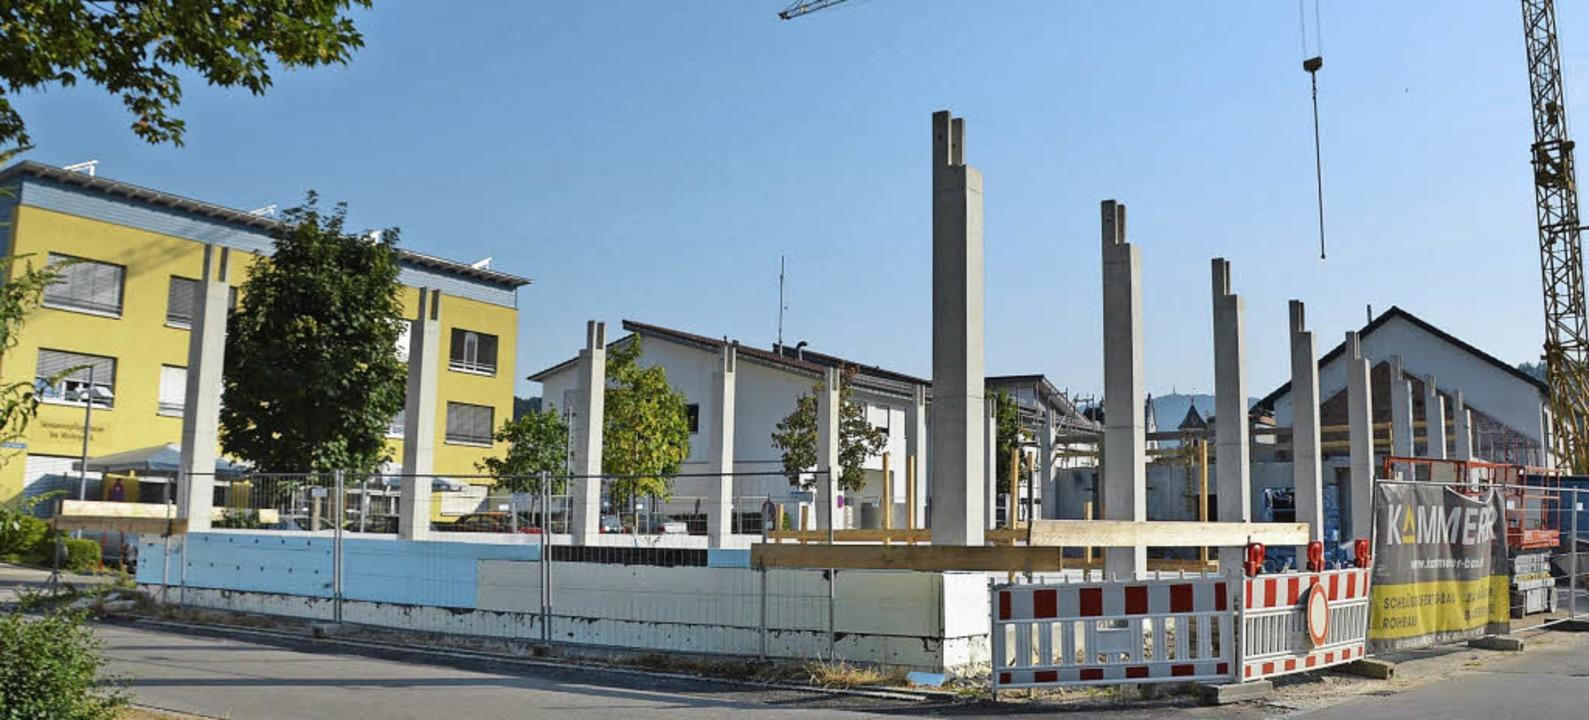 Das neue Kanderner Feuerwehrgerätehaus wächst in die Höhe.  | Foto: Markus Maier